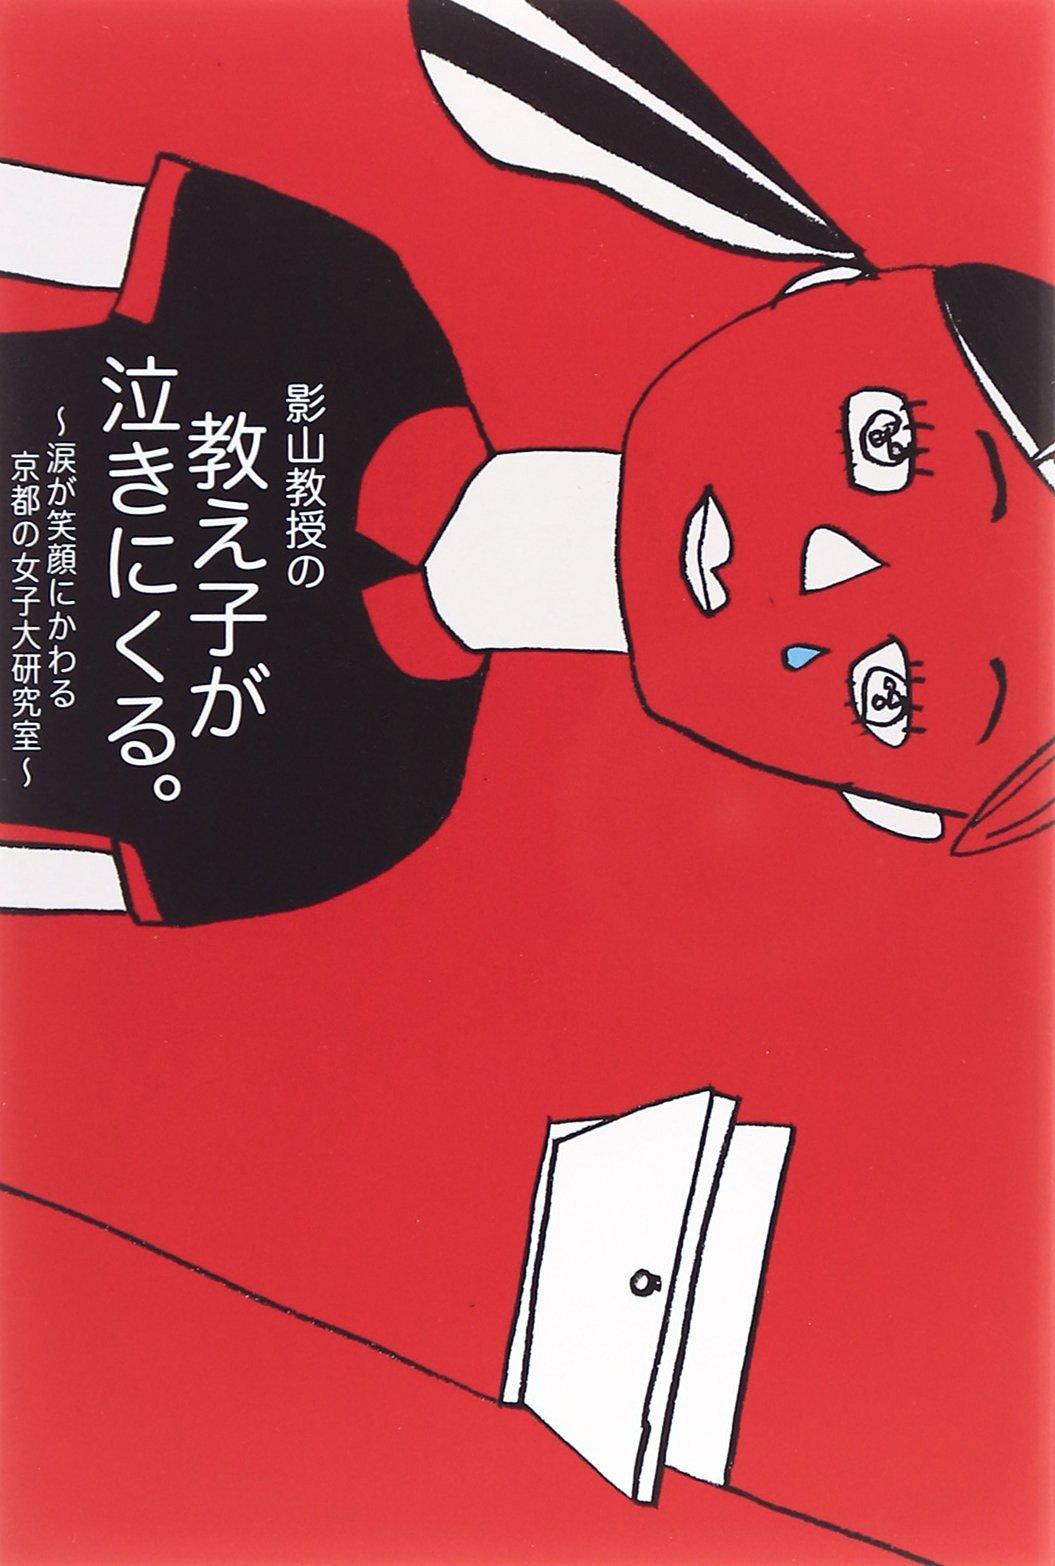 Download Kageyama kyoju no oshiego ga naki ni kuru : Namida ga egao ni kawaru kyoto no joshidai kenkyushitsu. pdf epub